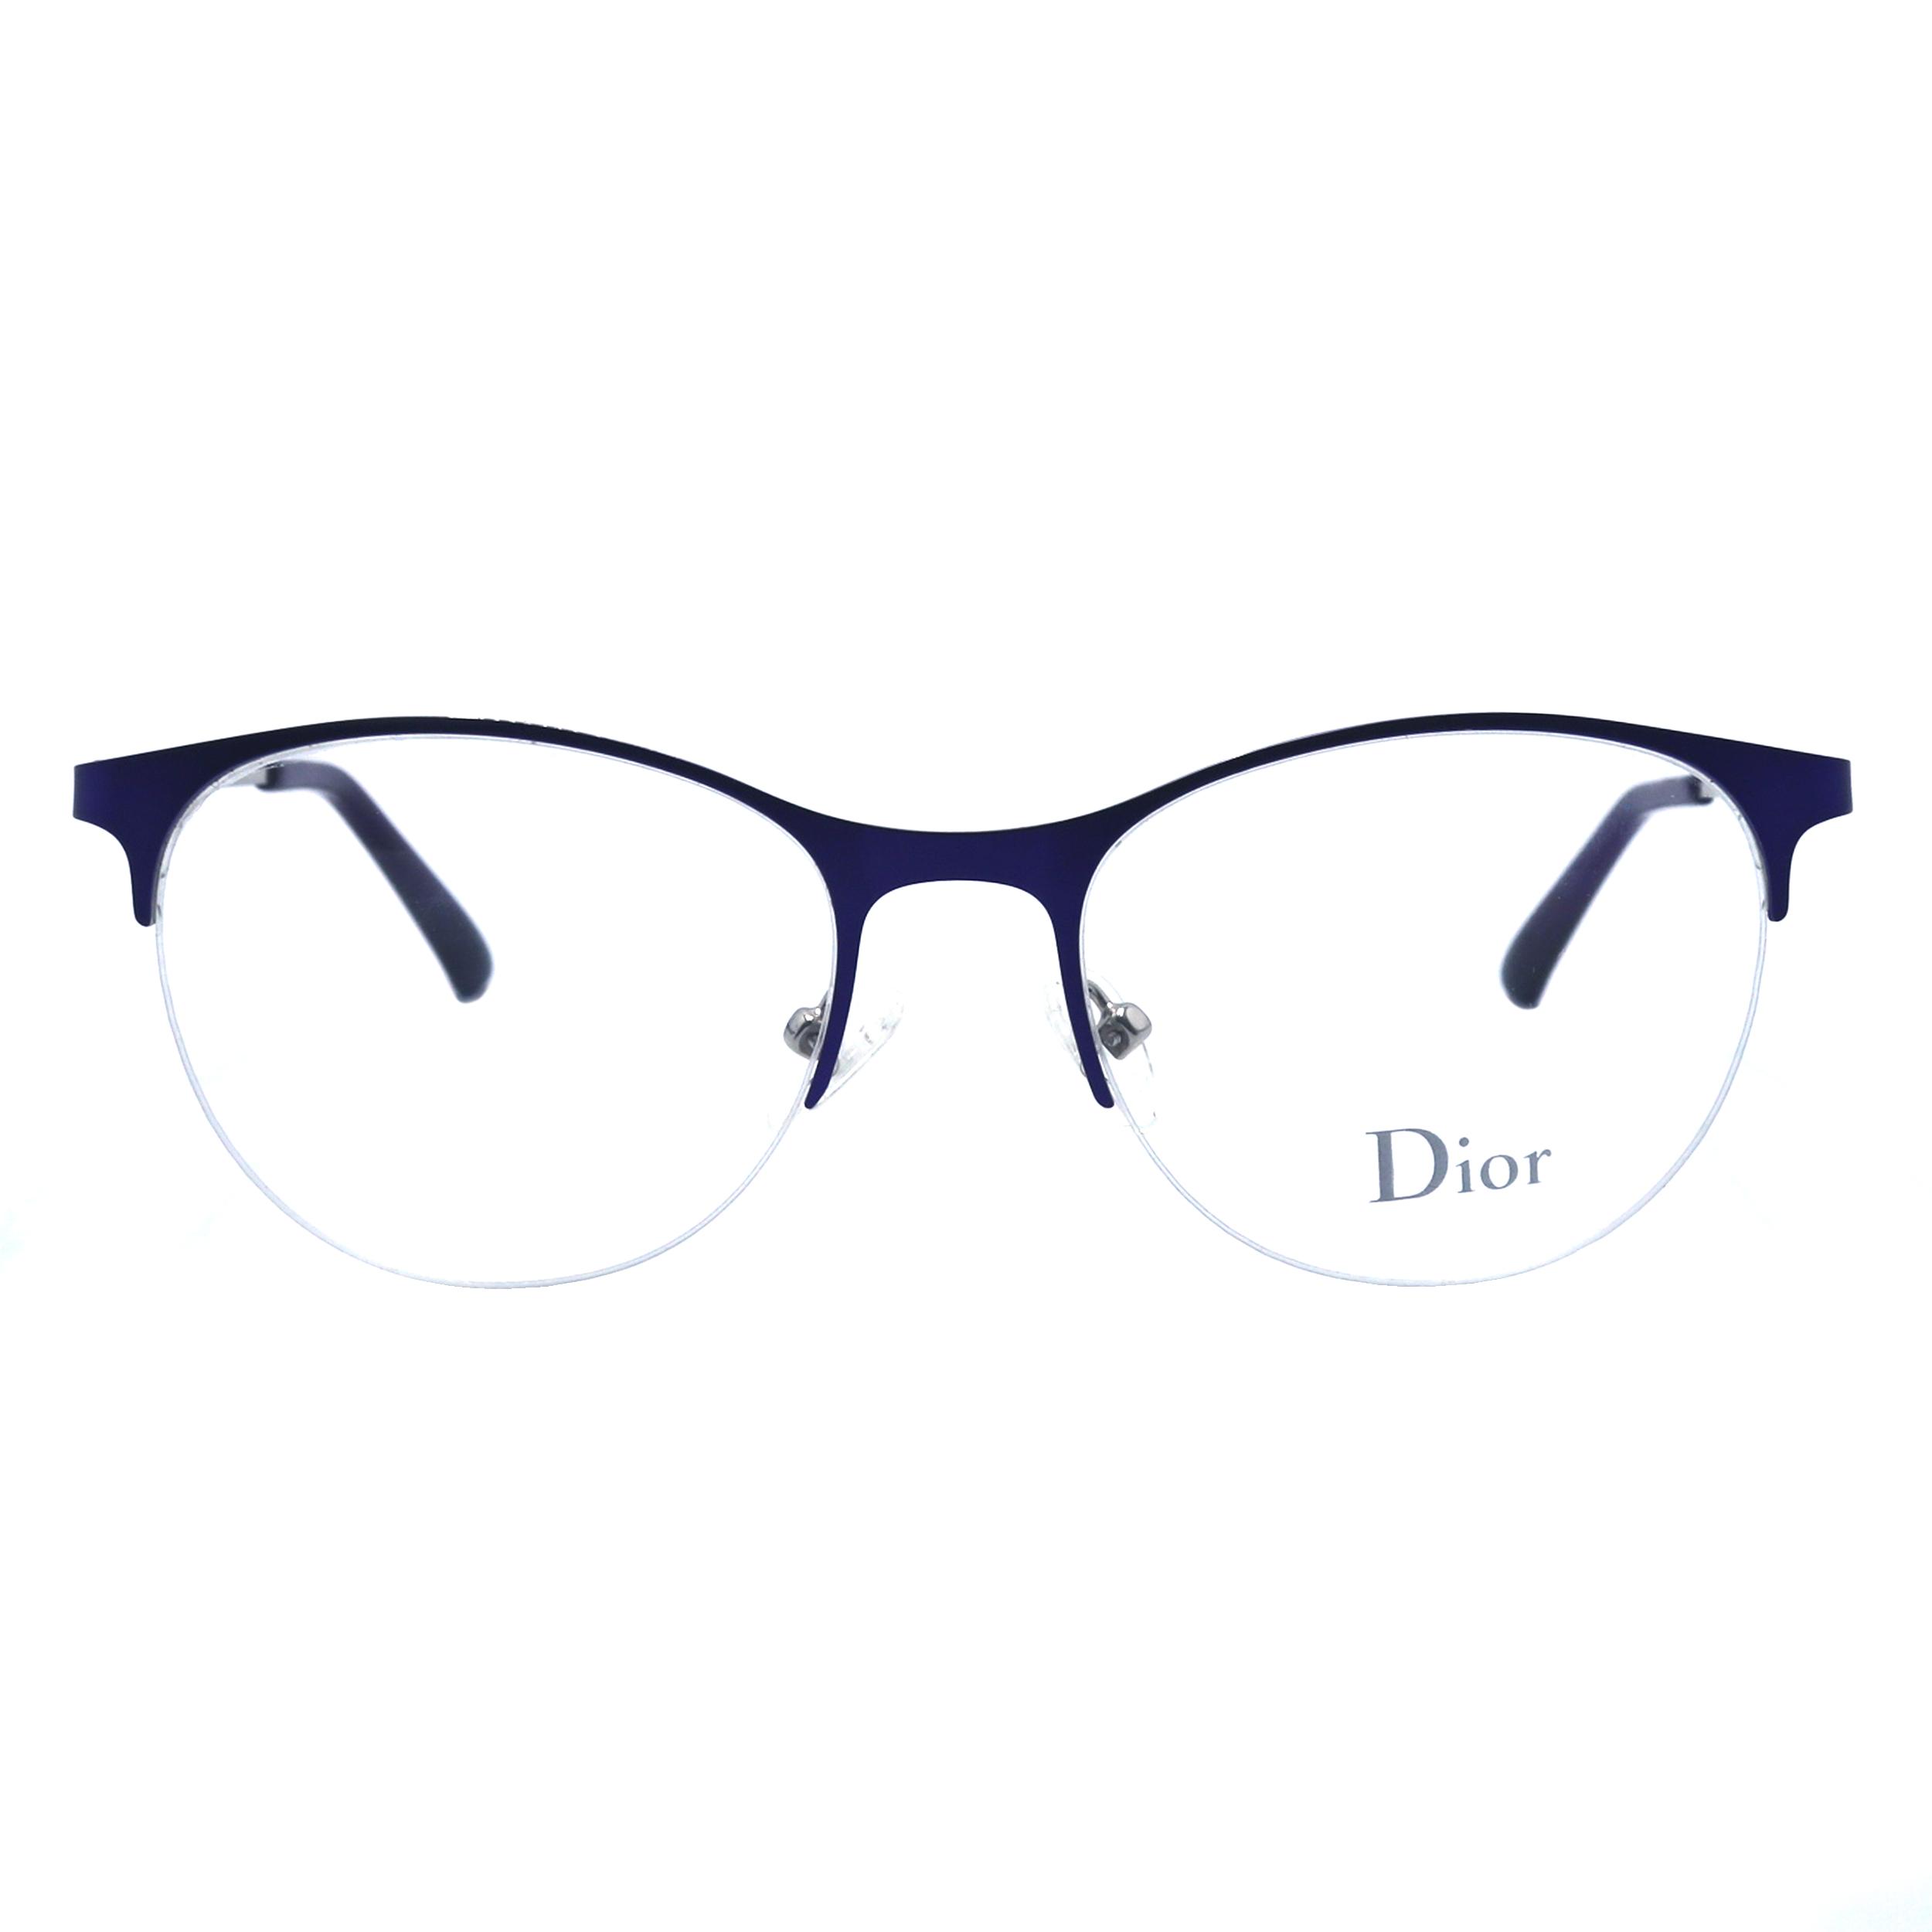 فریم عینک طبی دیور مدل 6004